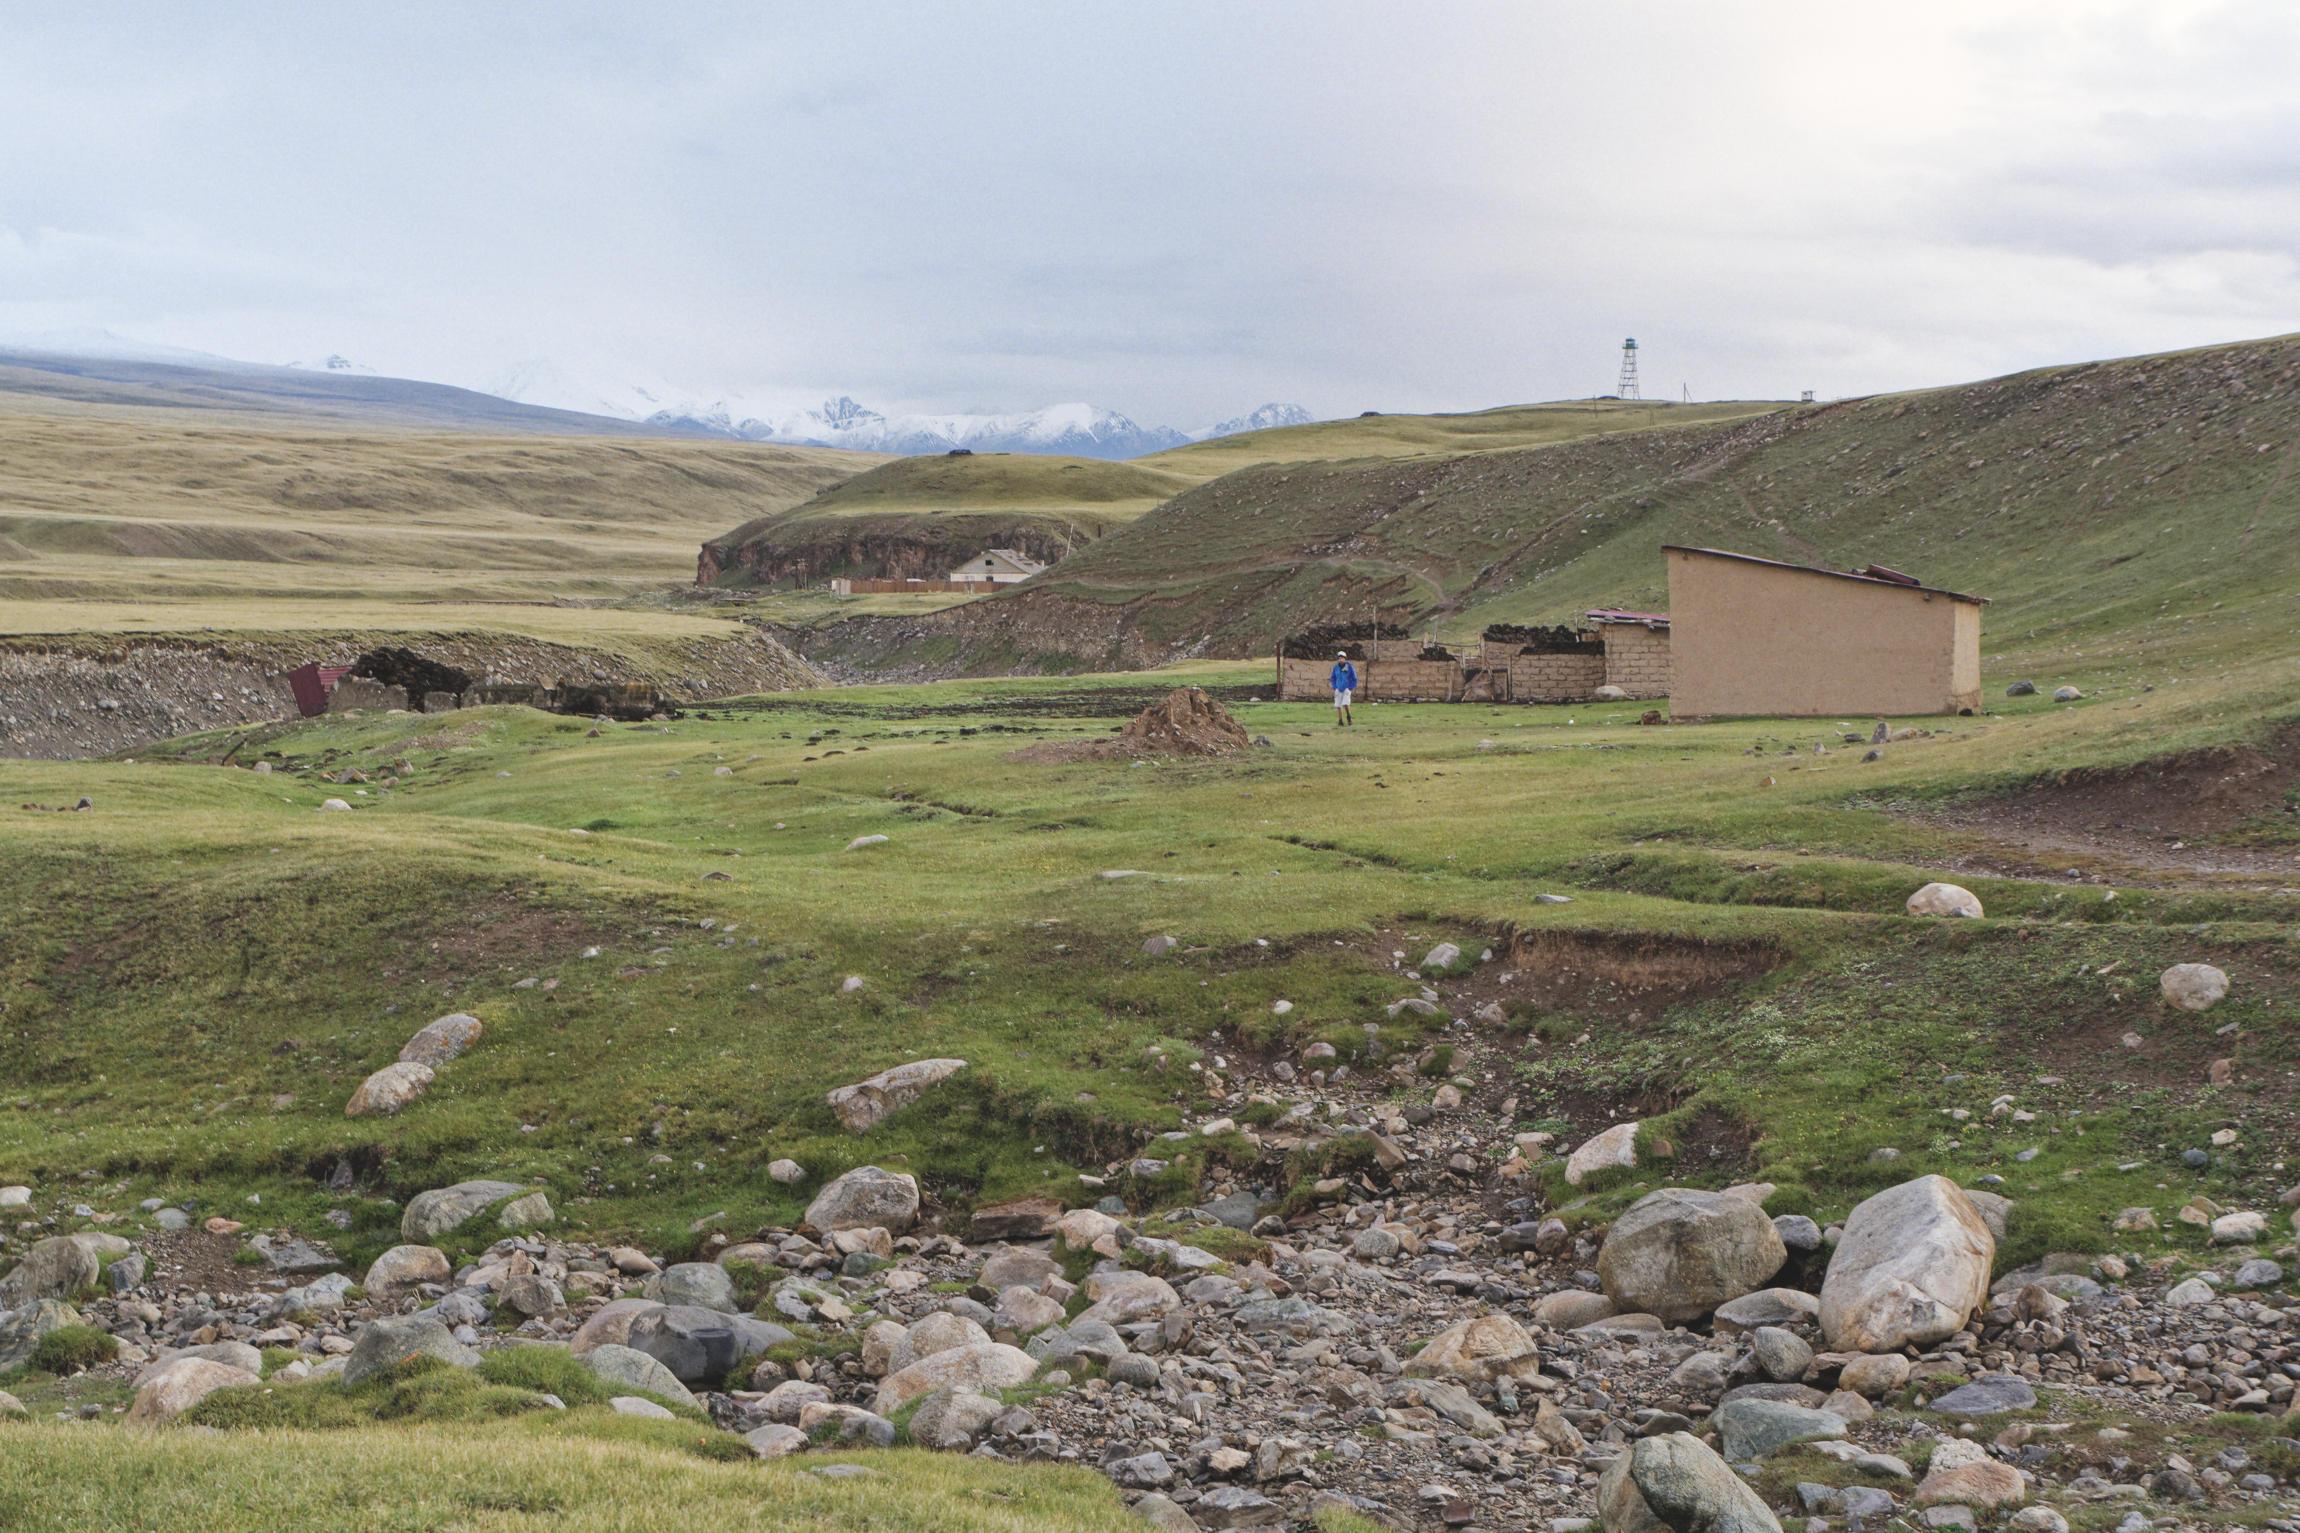 Eshkeli Tash Kirghizstan ancien sovkhoze